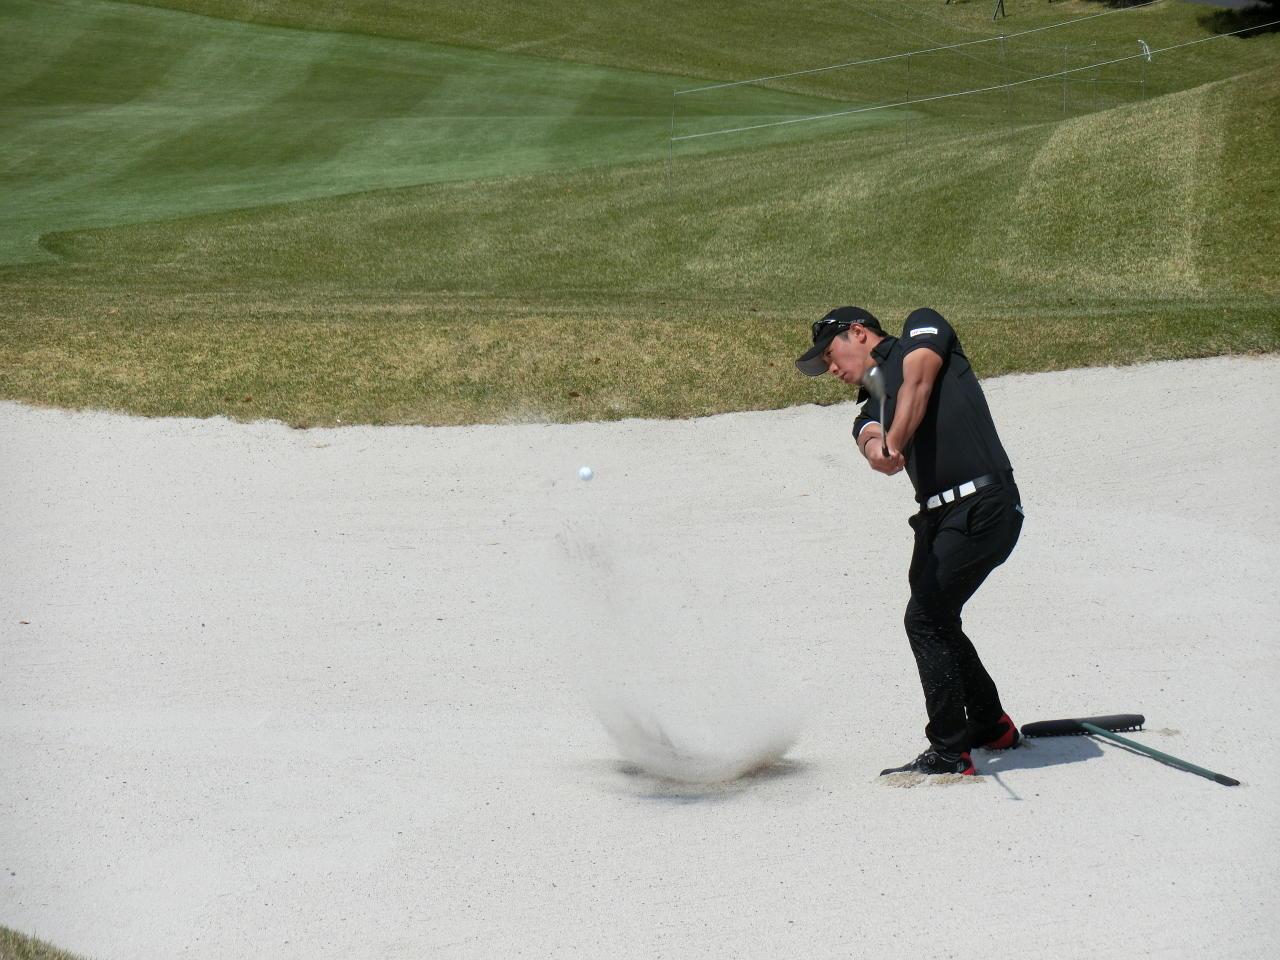 http://www.bs-golf.com/pro/0aea20b9e85aa36f342e41b859e37c73cbba3083.JPG